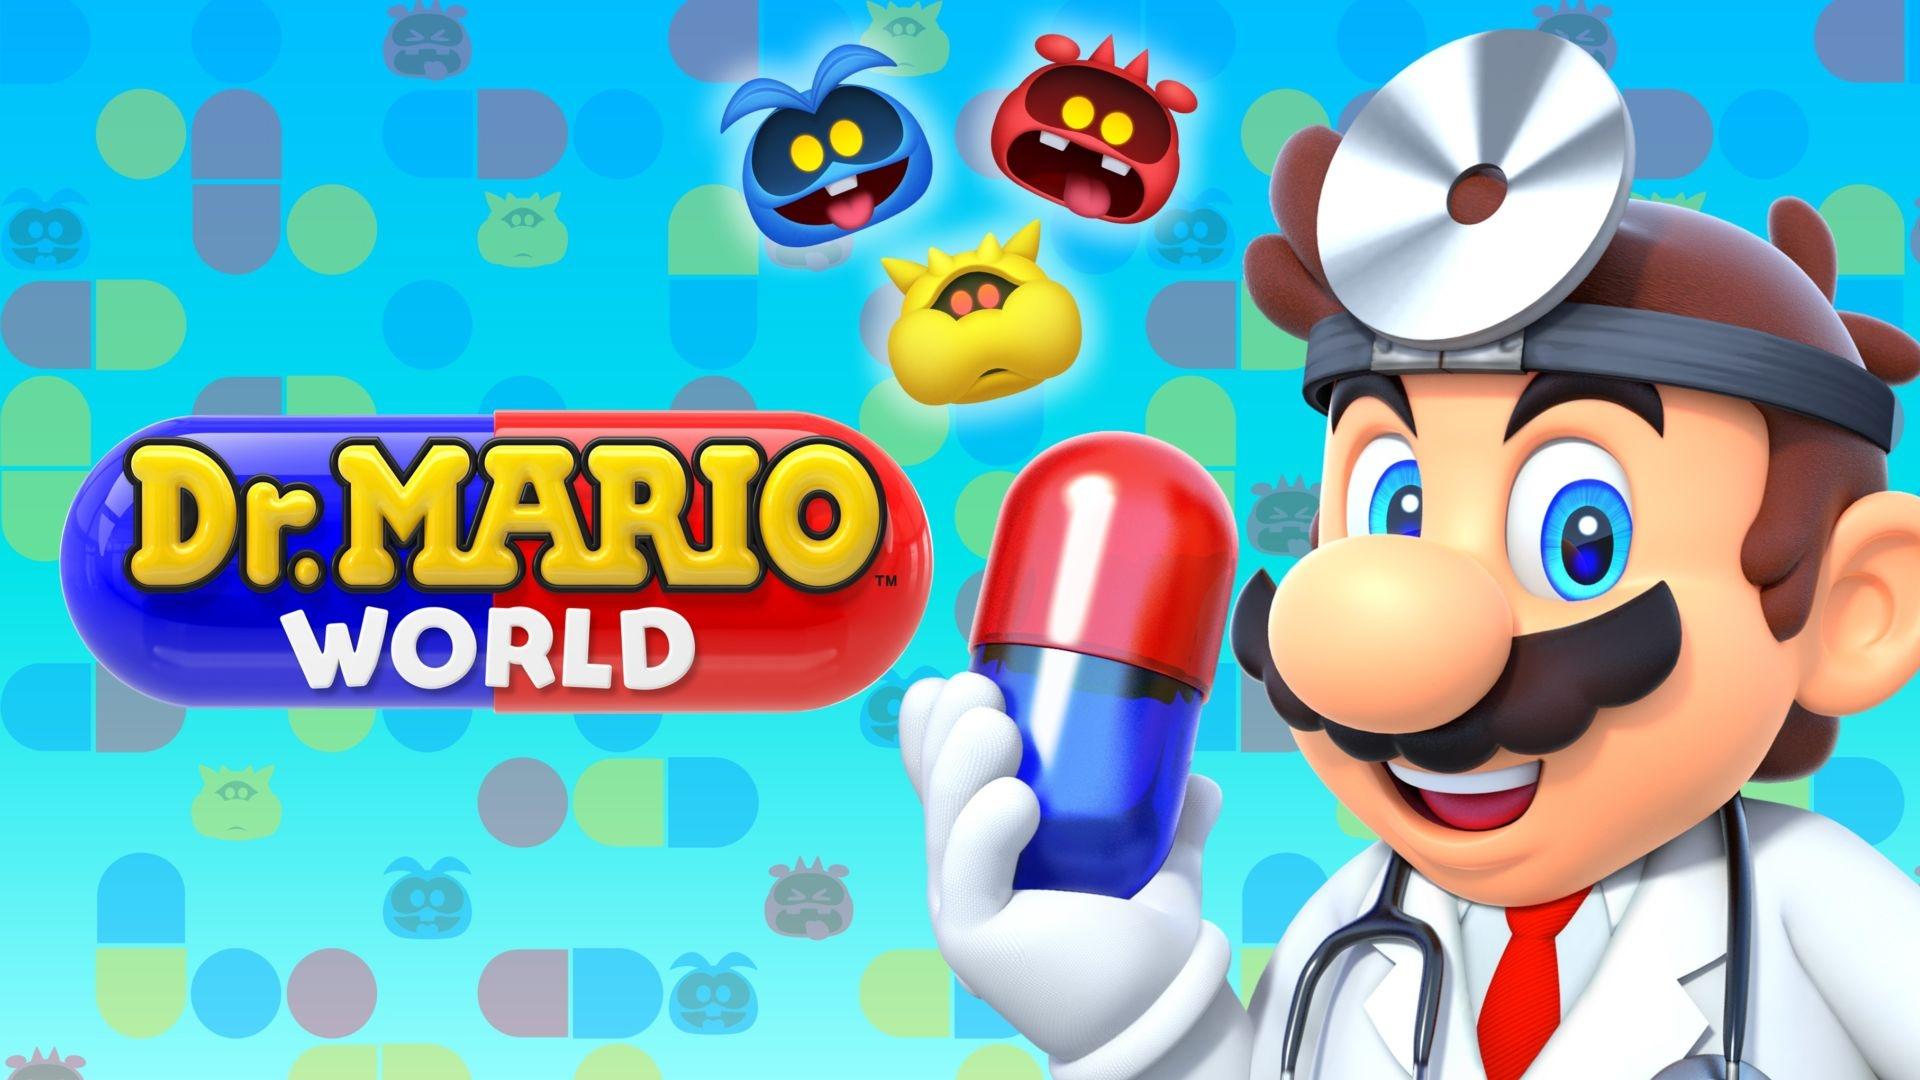 Novo game para iOS e Android, Dr. Mario World, ganha data de lançamento